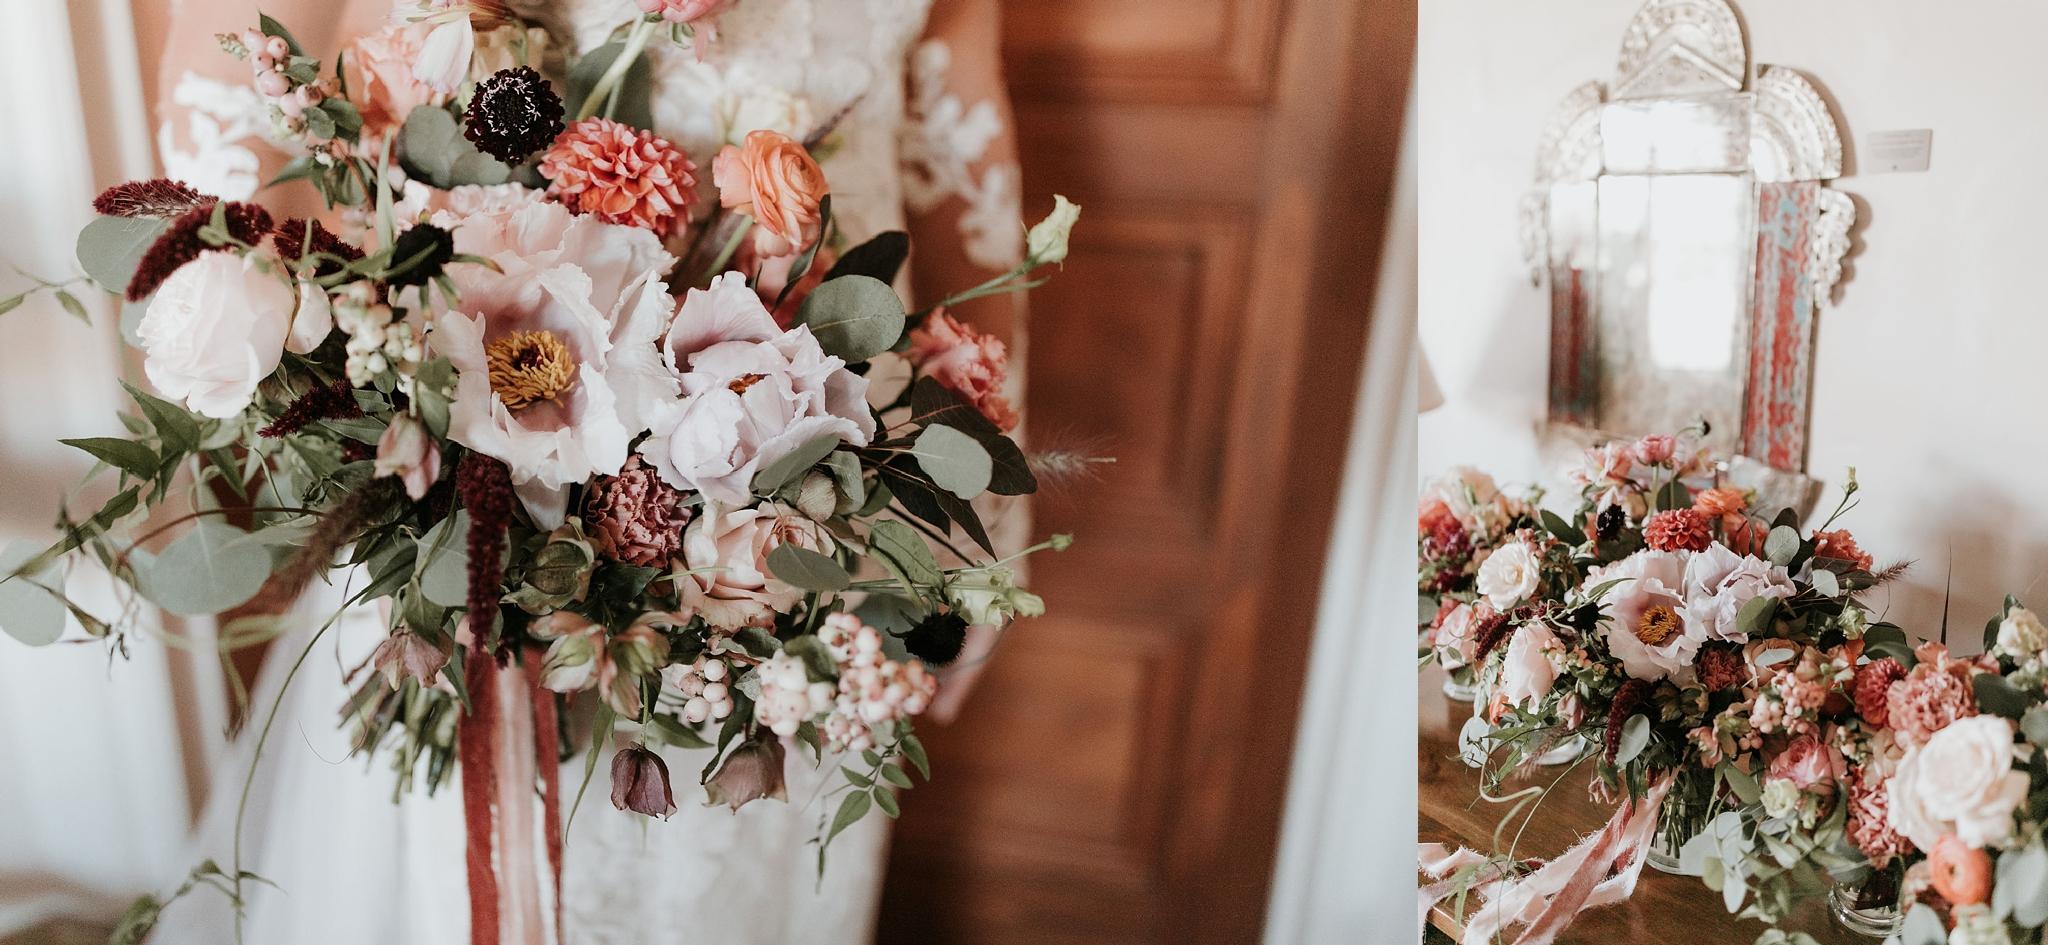 Alicia+lucia+photography+-+albuquerque+wedding+photographer+-+santa+fe+wedding+photography+-+new+mexico+wedding+photographer+-+new+mexico+florist+-+wedding+florist+-+renegade+floral_0100.jpg